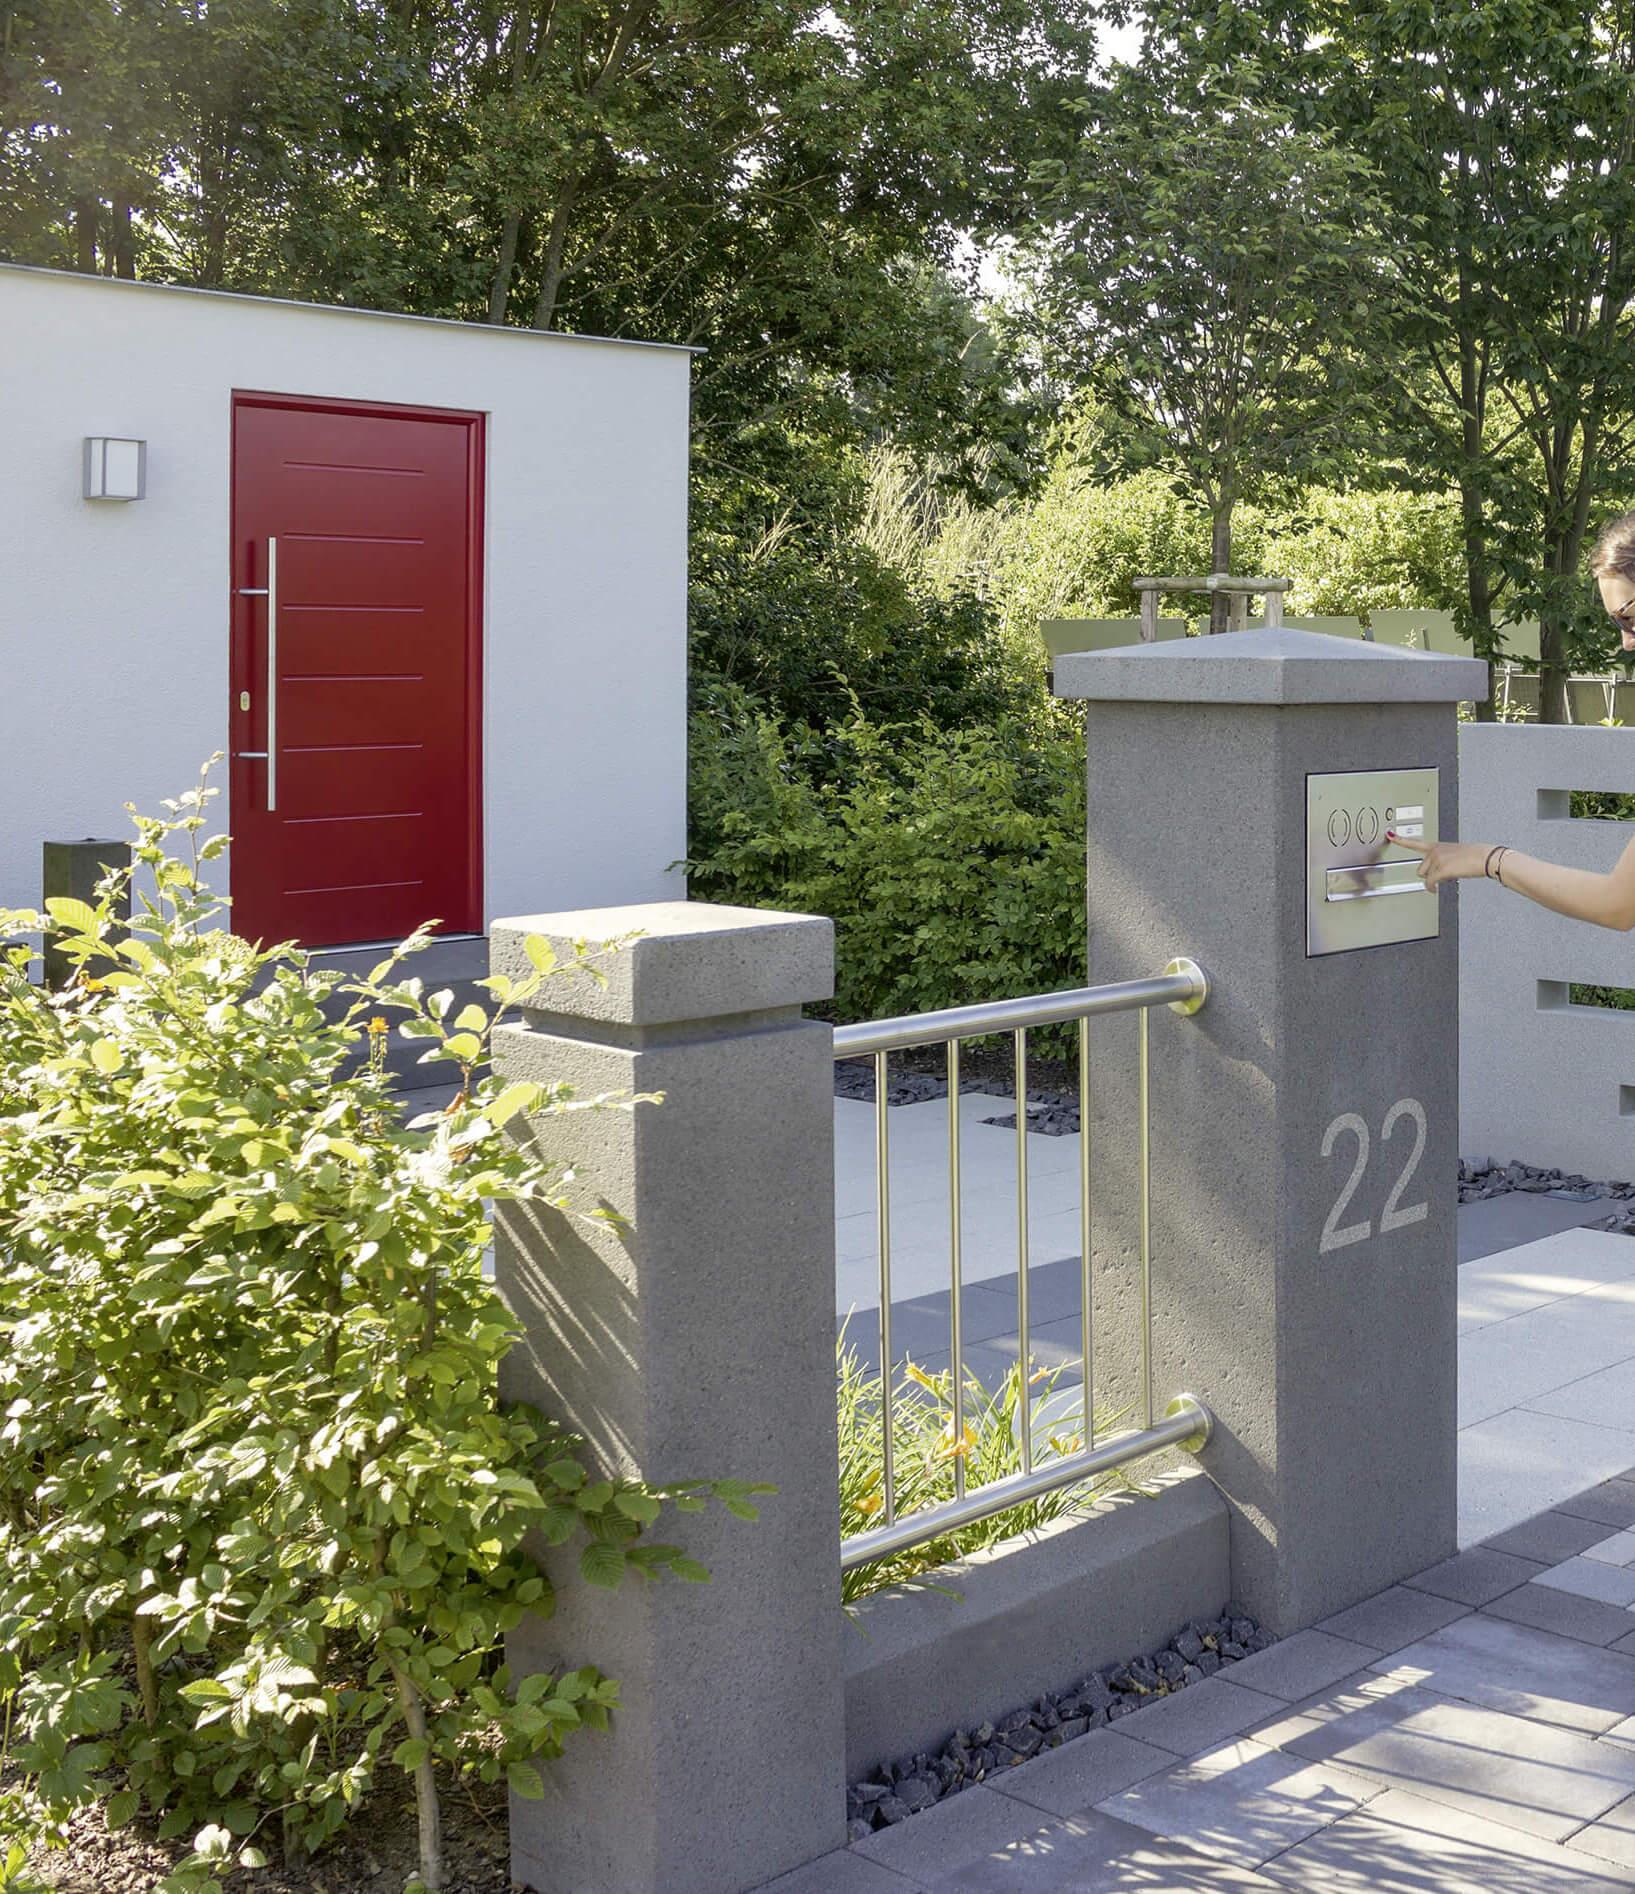 Eine Eingangssituation mit Zaun und Pfeiler mit Briefkasten und Hauseingang.